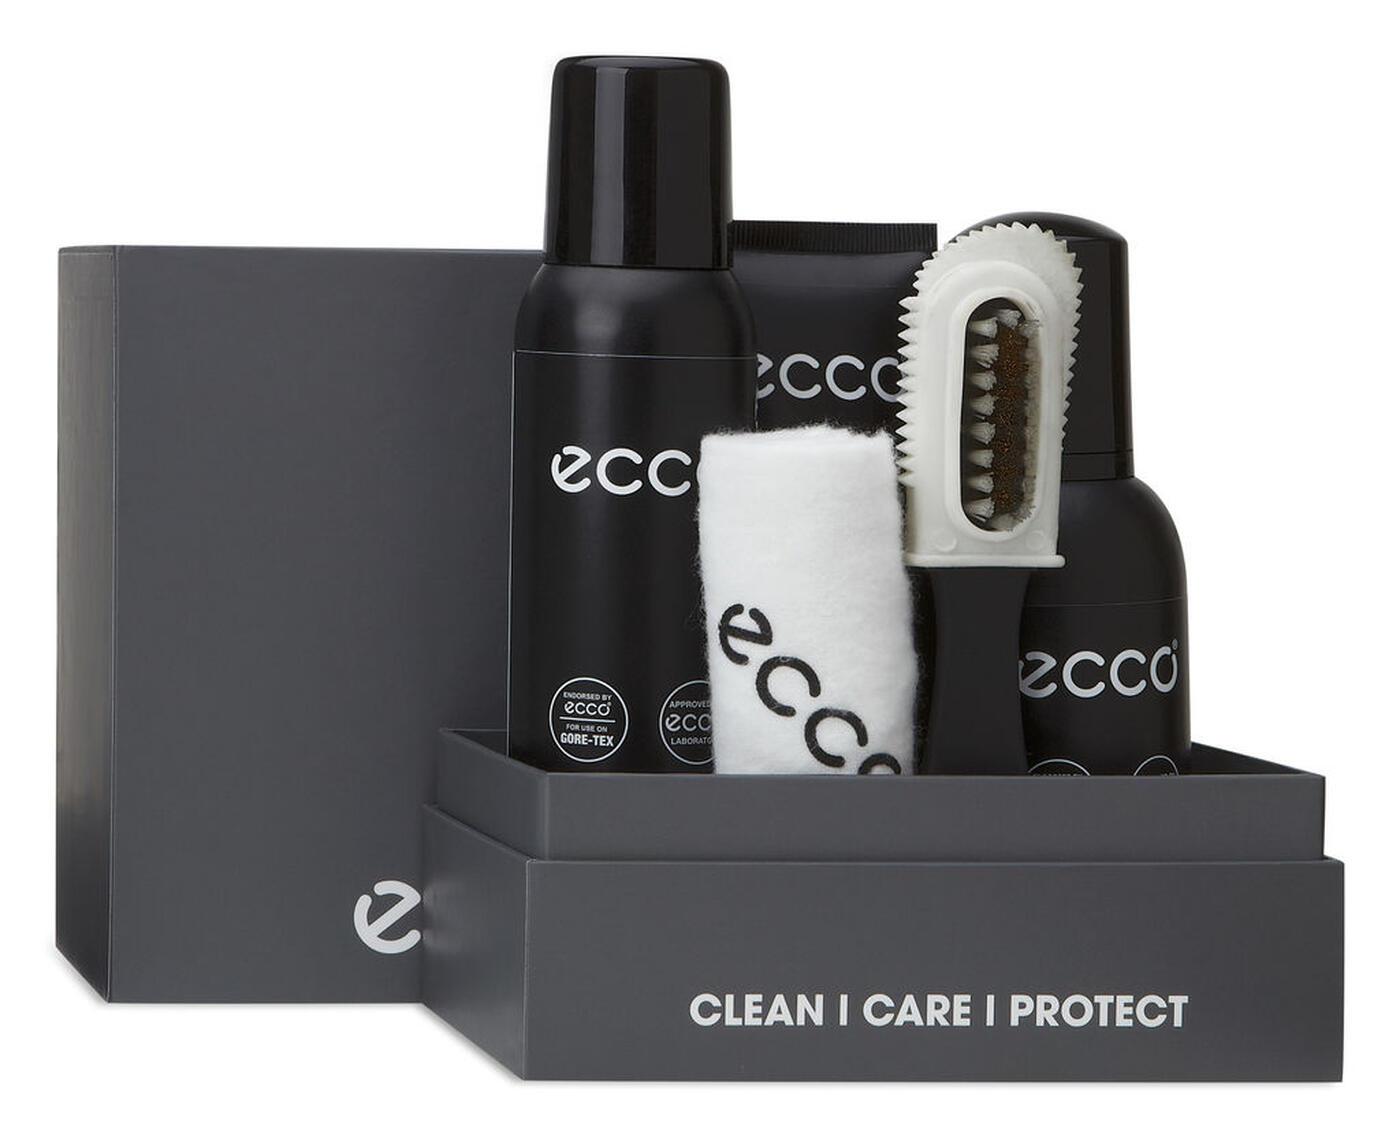 Trousse d'entretien pour chaussures ECCO